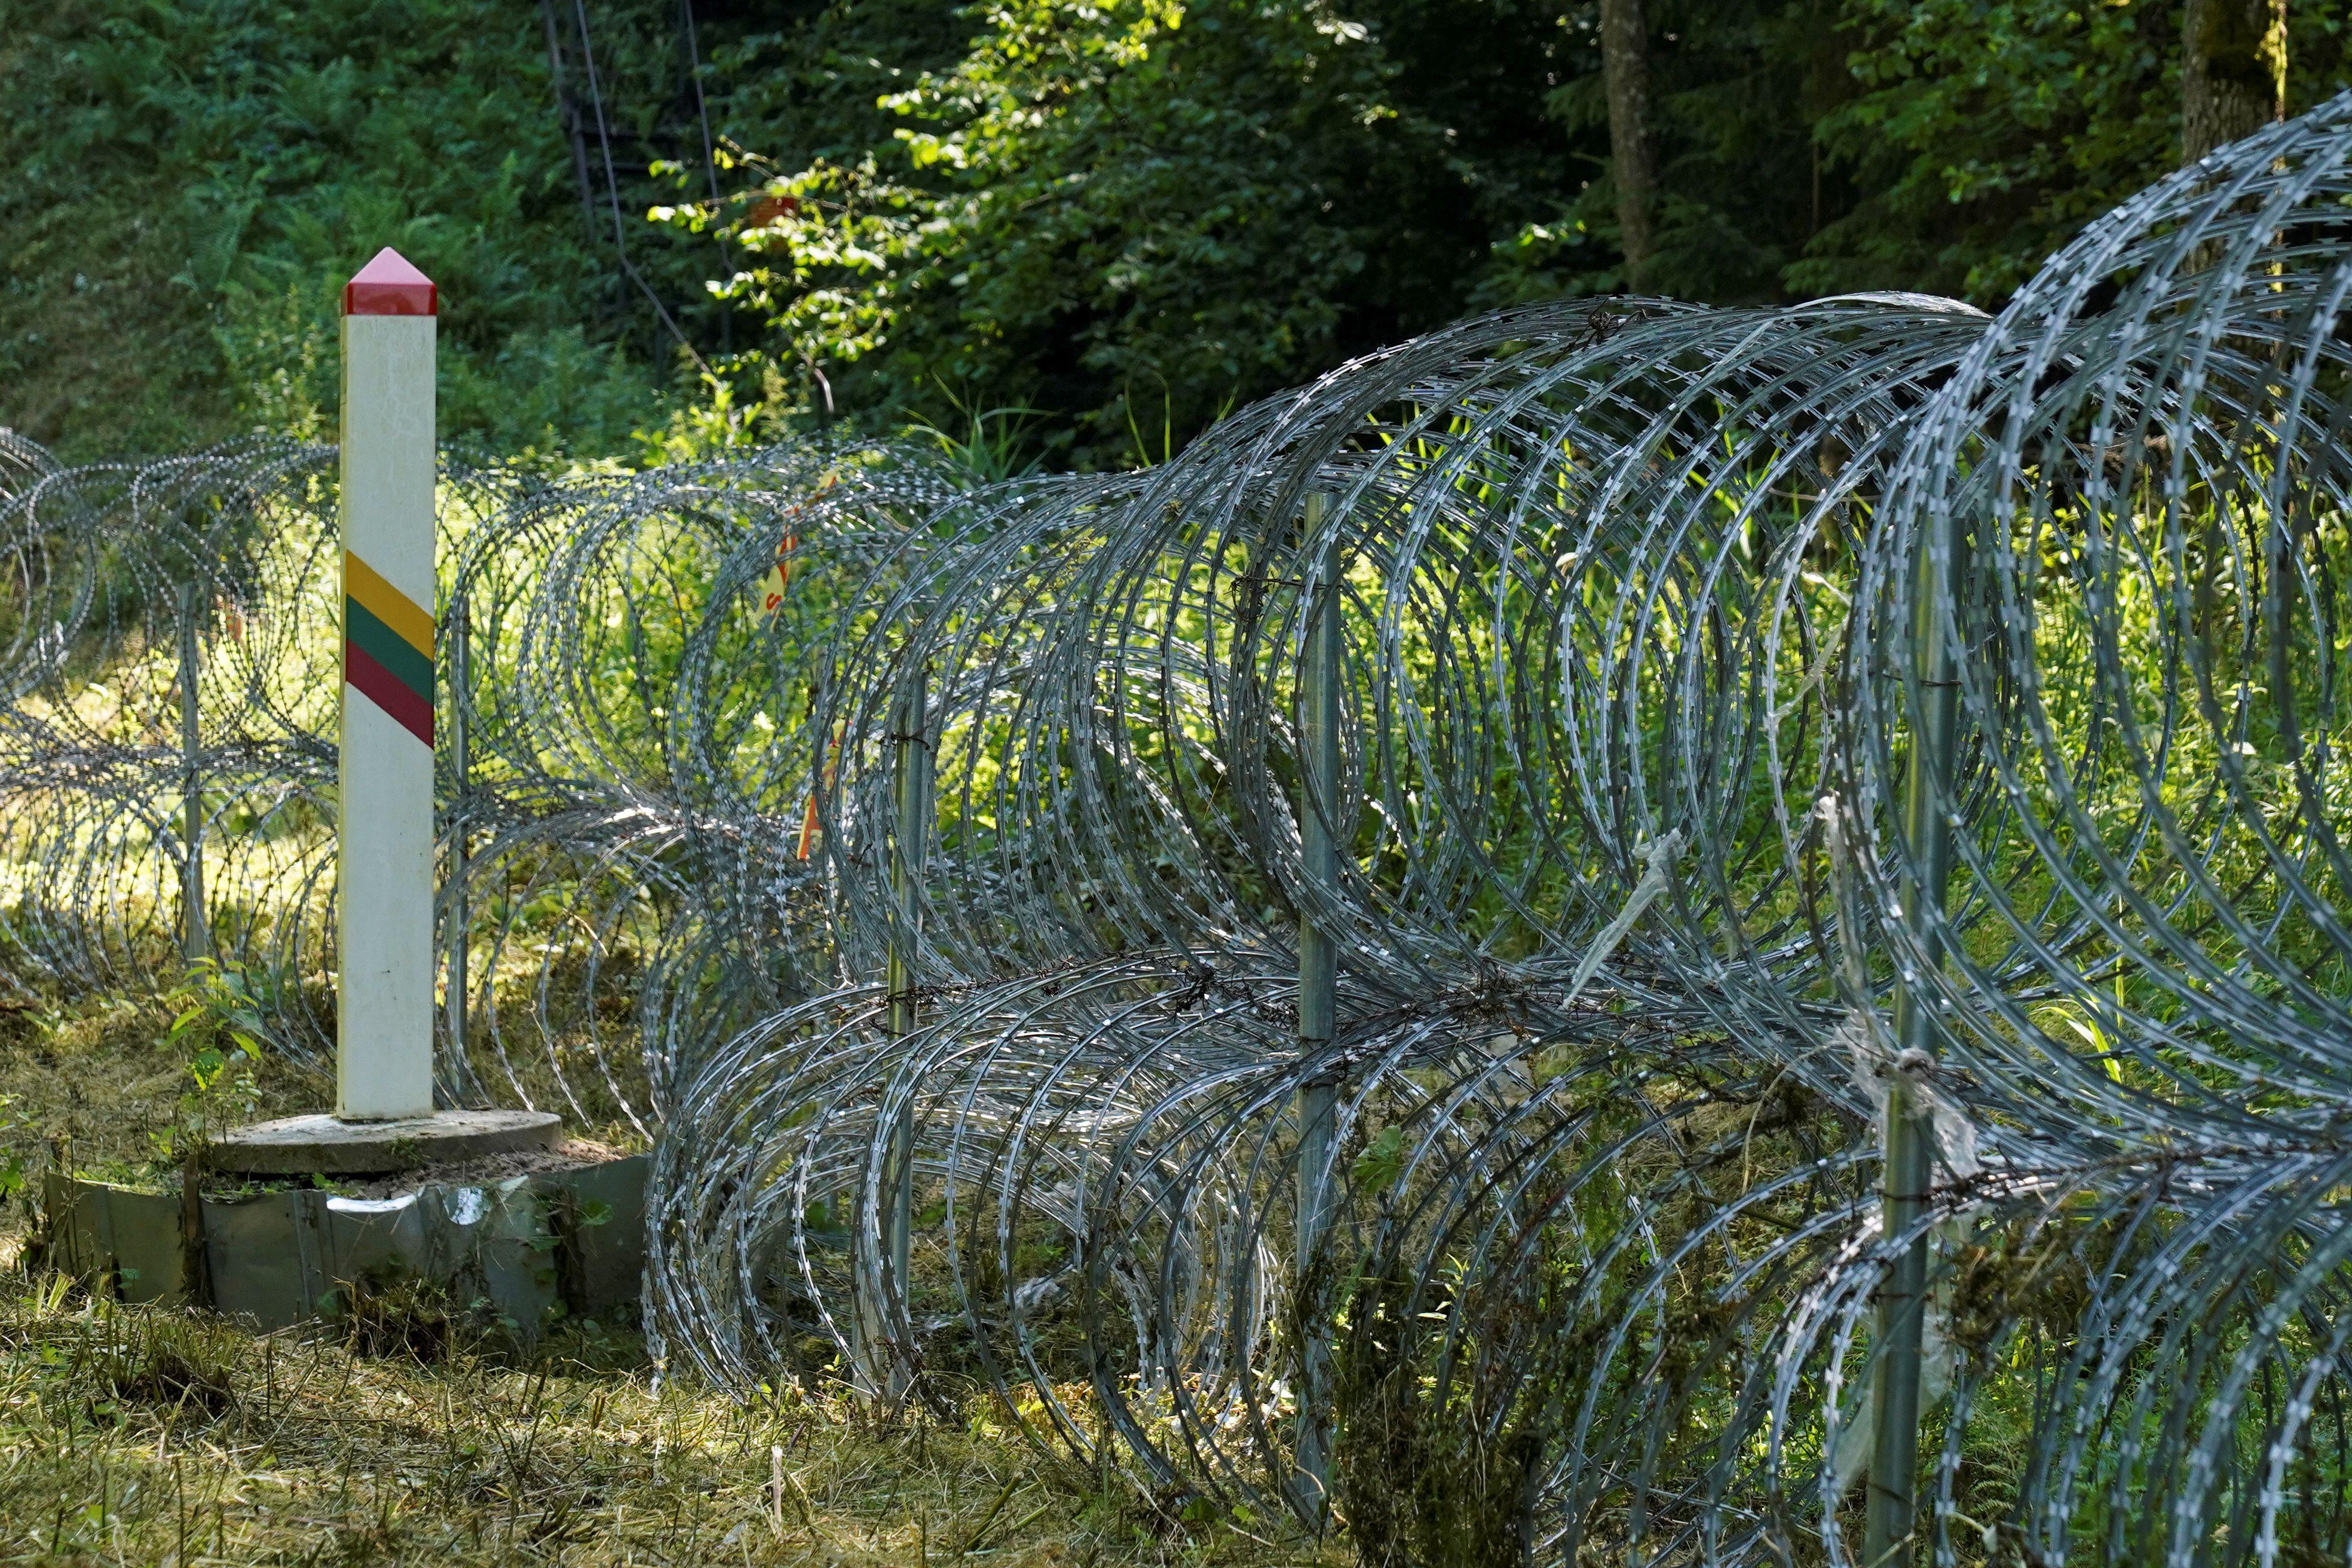 Se instala una barrera de alambre de púas en la frontera con Bielorrusia en Druskininkai. REUTERS / Janis Laizans